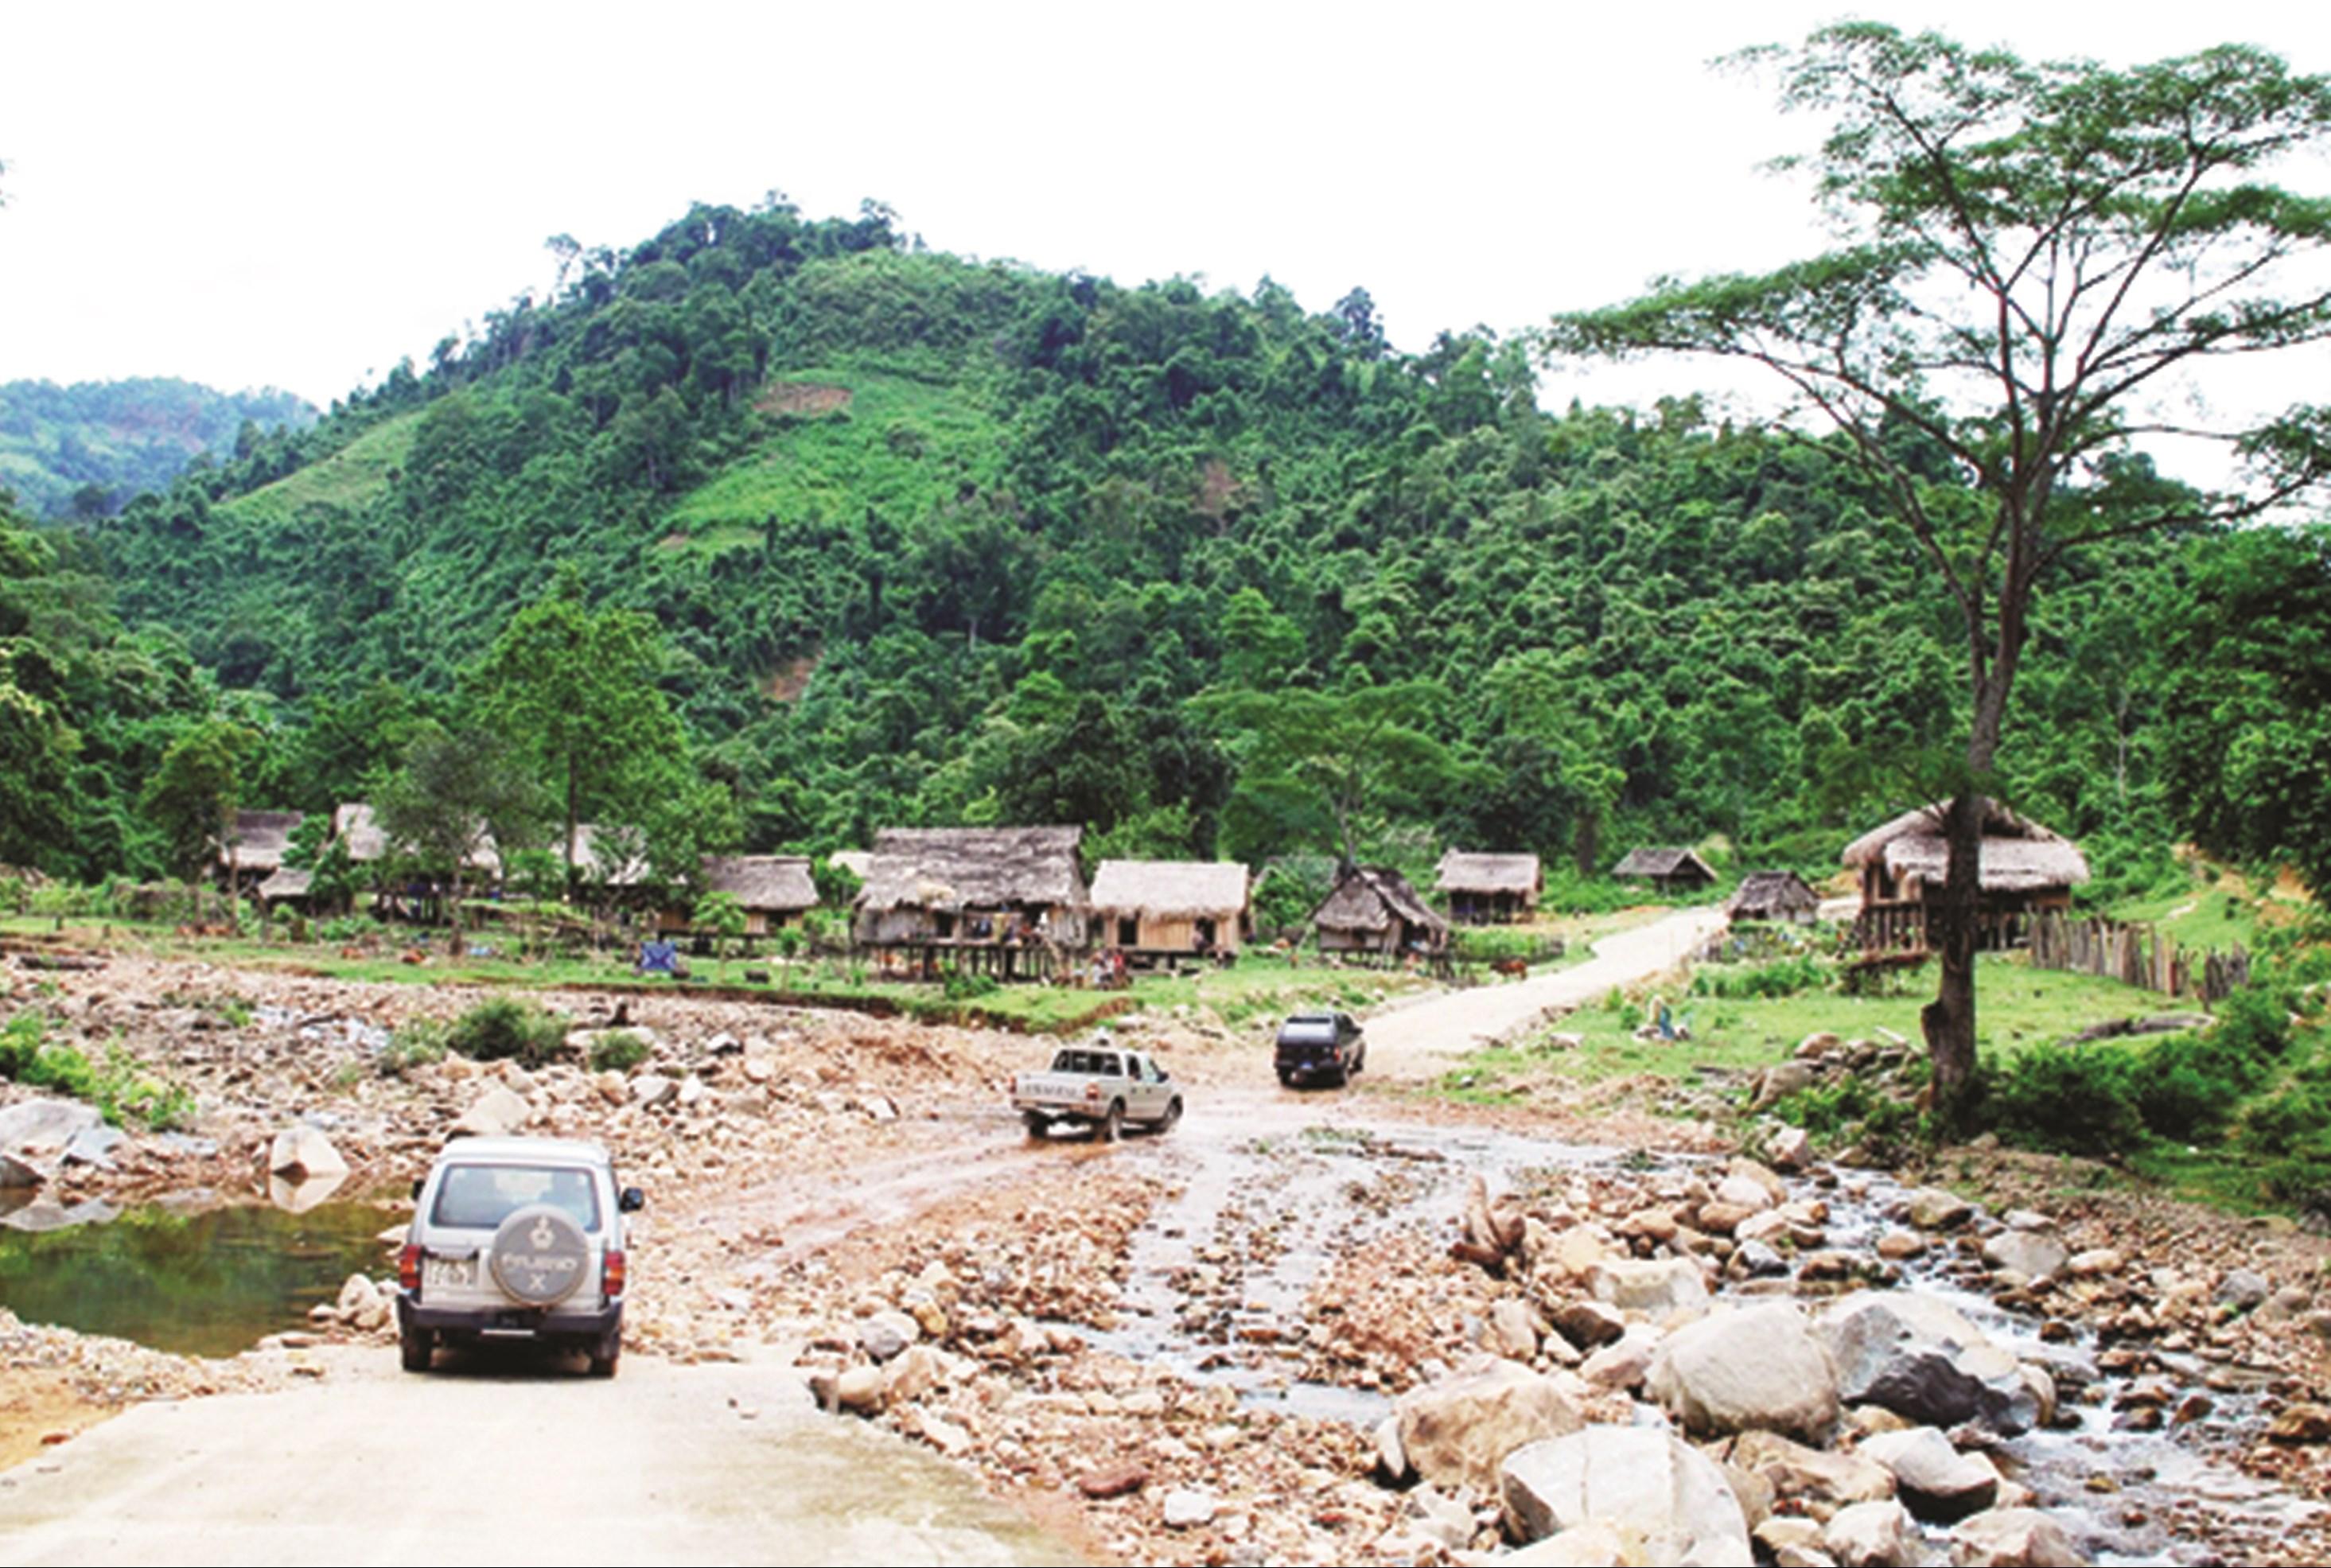 Một góc bản Dộ ở xã Trọng Hóa, huyện Minh Hóa (Quảng Bình) nơi có cộng đồng người Chứt sinh sống vẫn còn nhiều khó khăn.